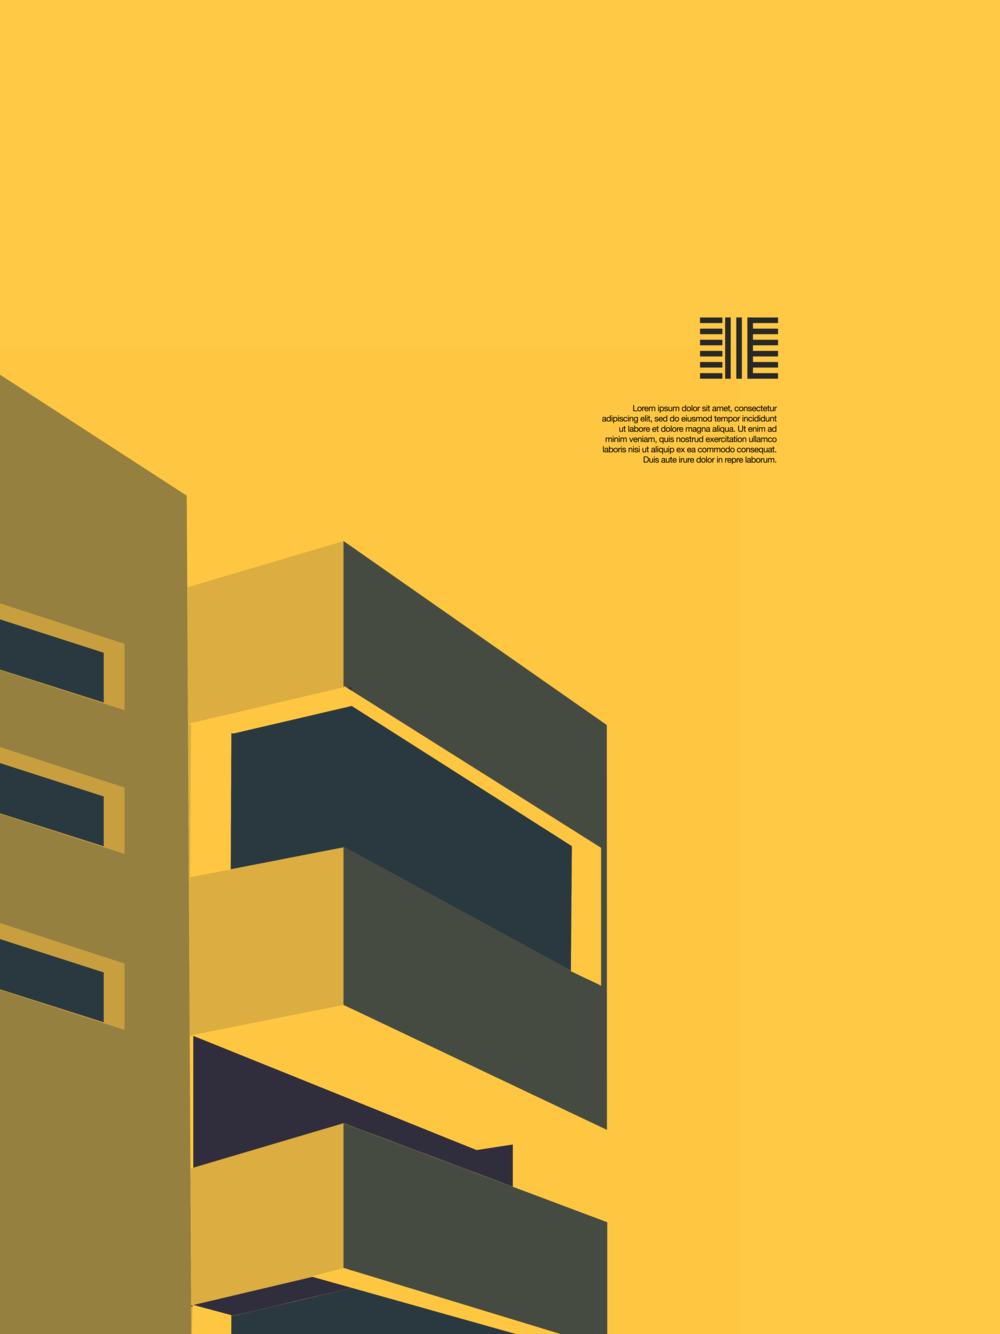 Building_balconies (0003).png